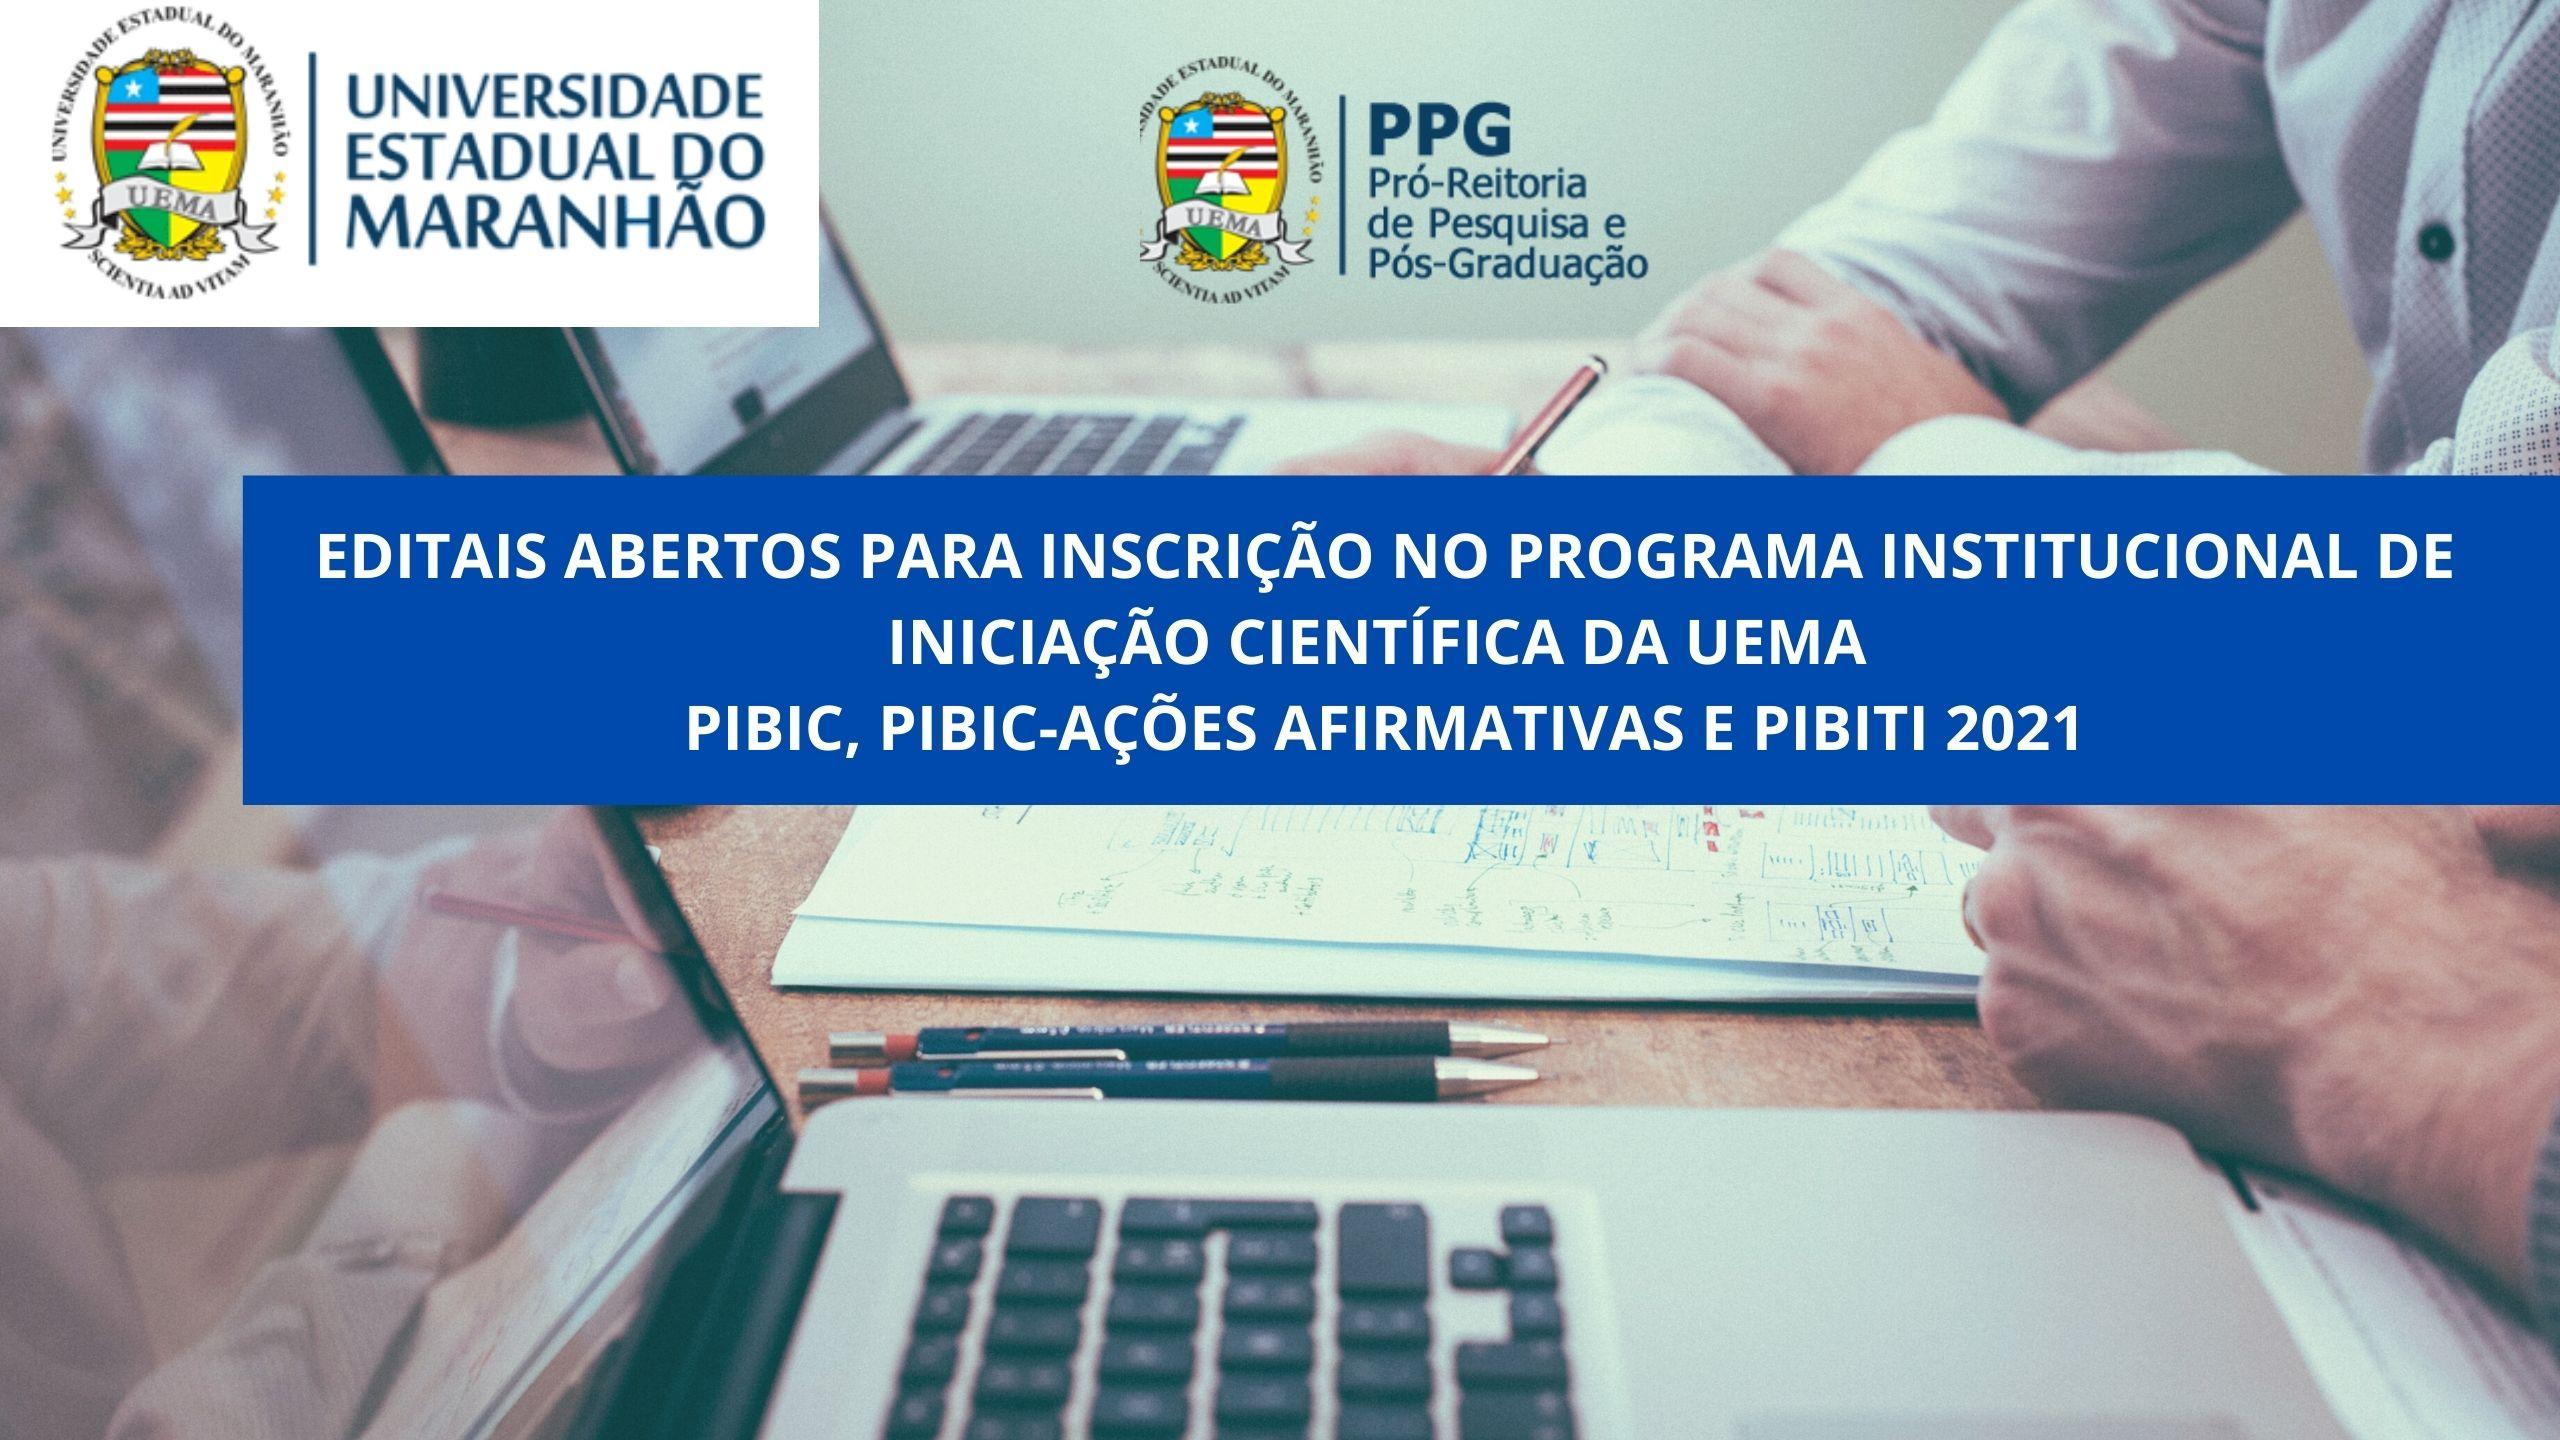 EDITAIS-ABERTOS-PARA-INSCRIÇÃO-NO-PROGRAMA-INSTITUCIONAL-DE-INICIAÇÃO-CIENTÍFICA-DA-UEMA-PIBIC-PIBIC-AÇÕES-AFIRMATIVAS-E-PIBITI-2021